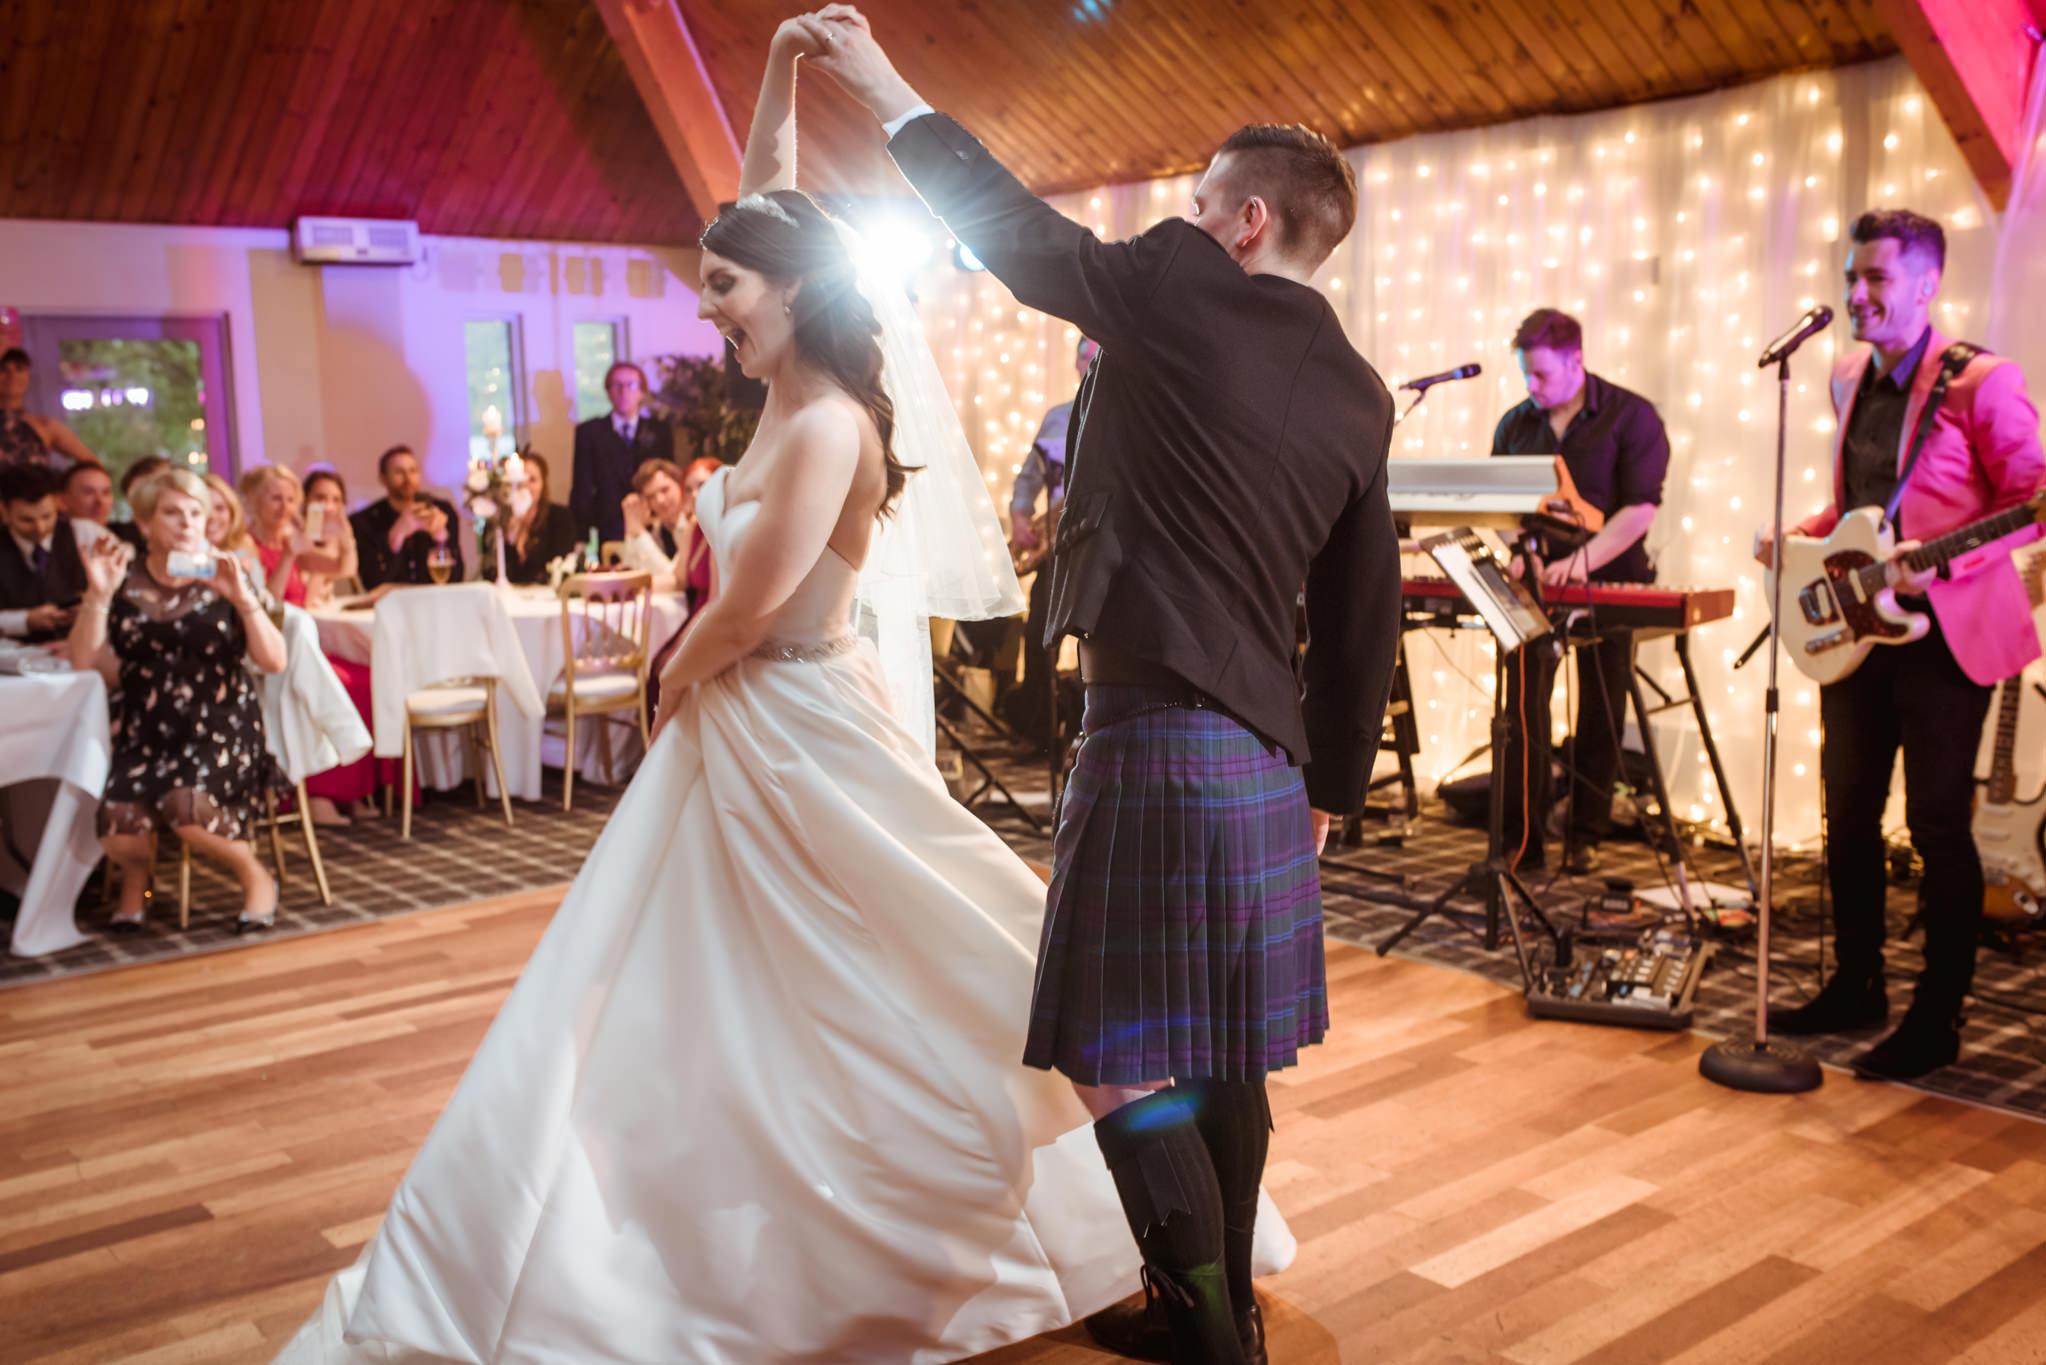 fun-wedding-glasgow.jpg